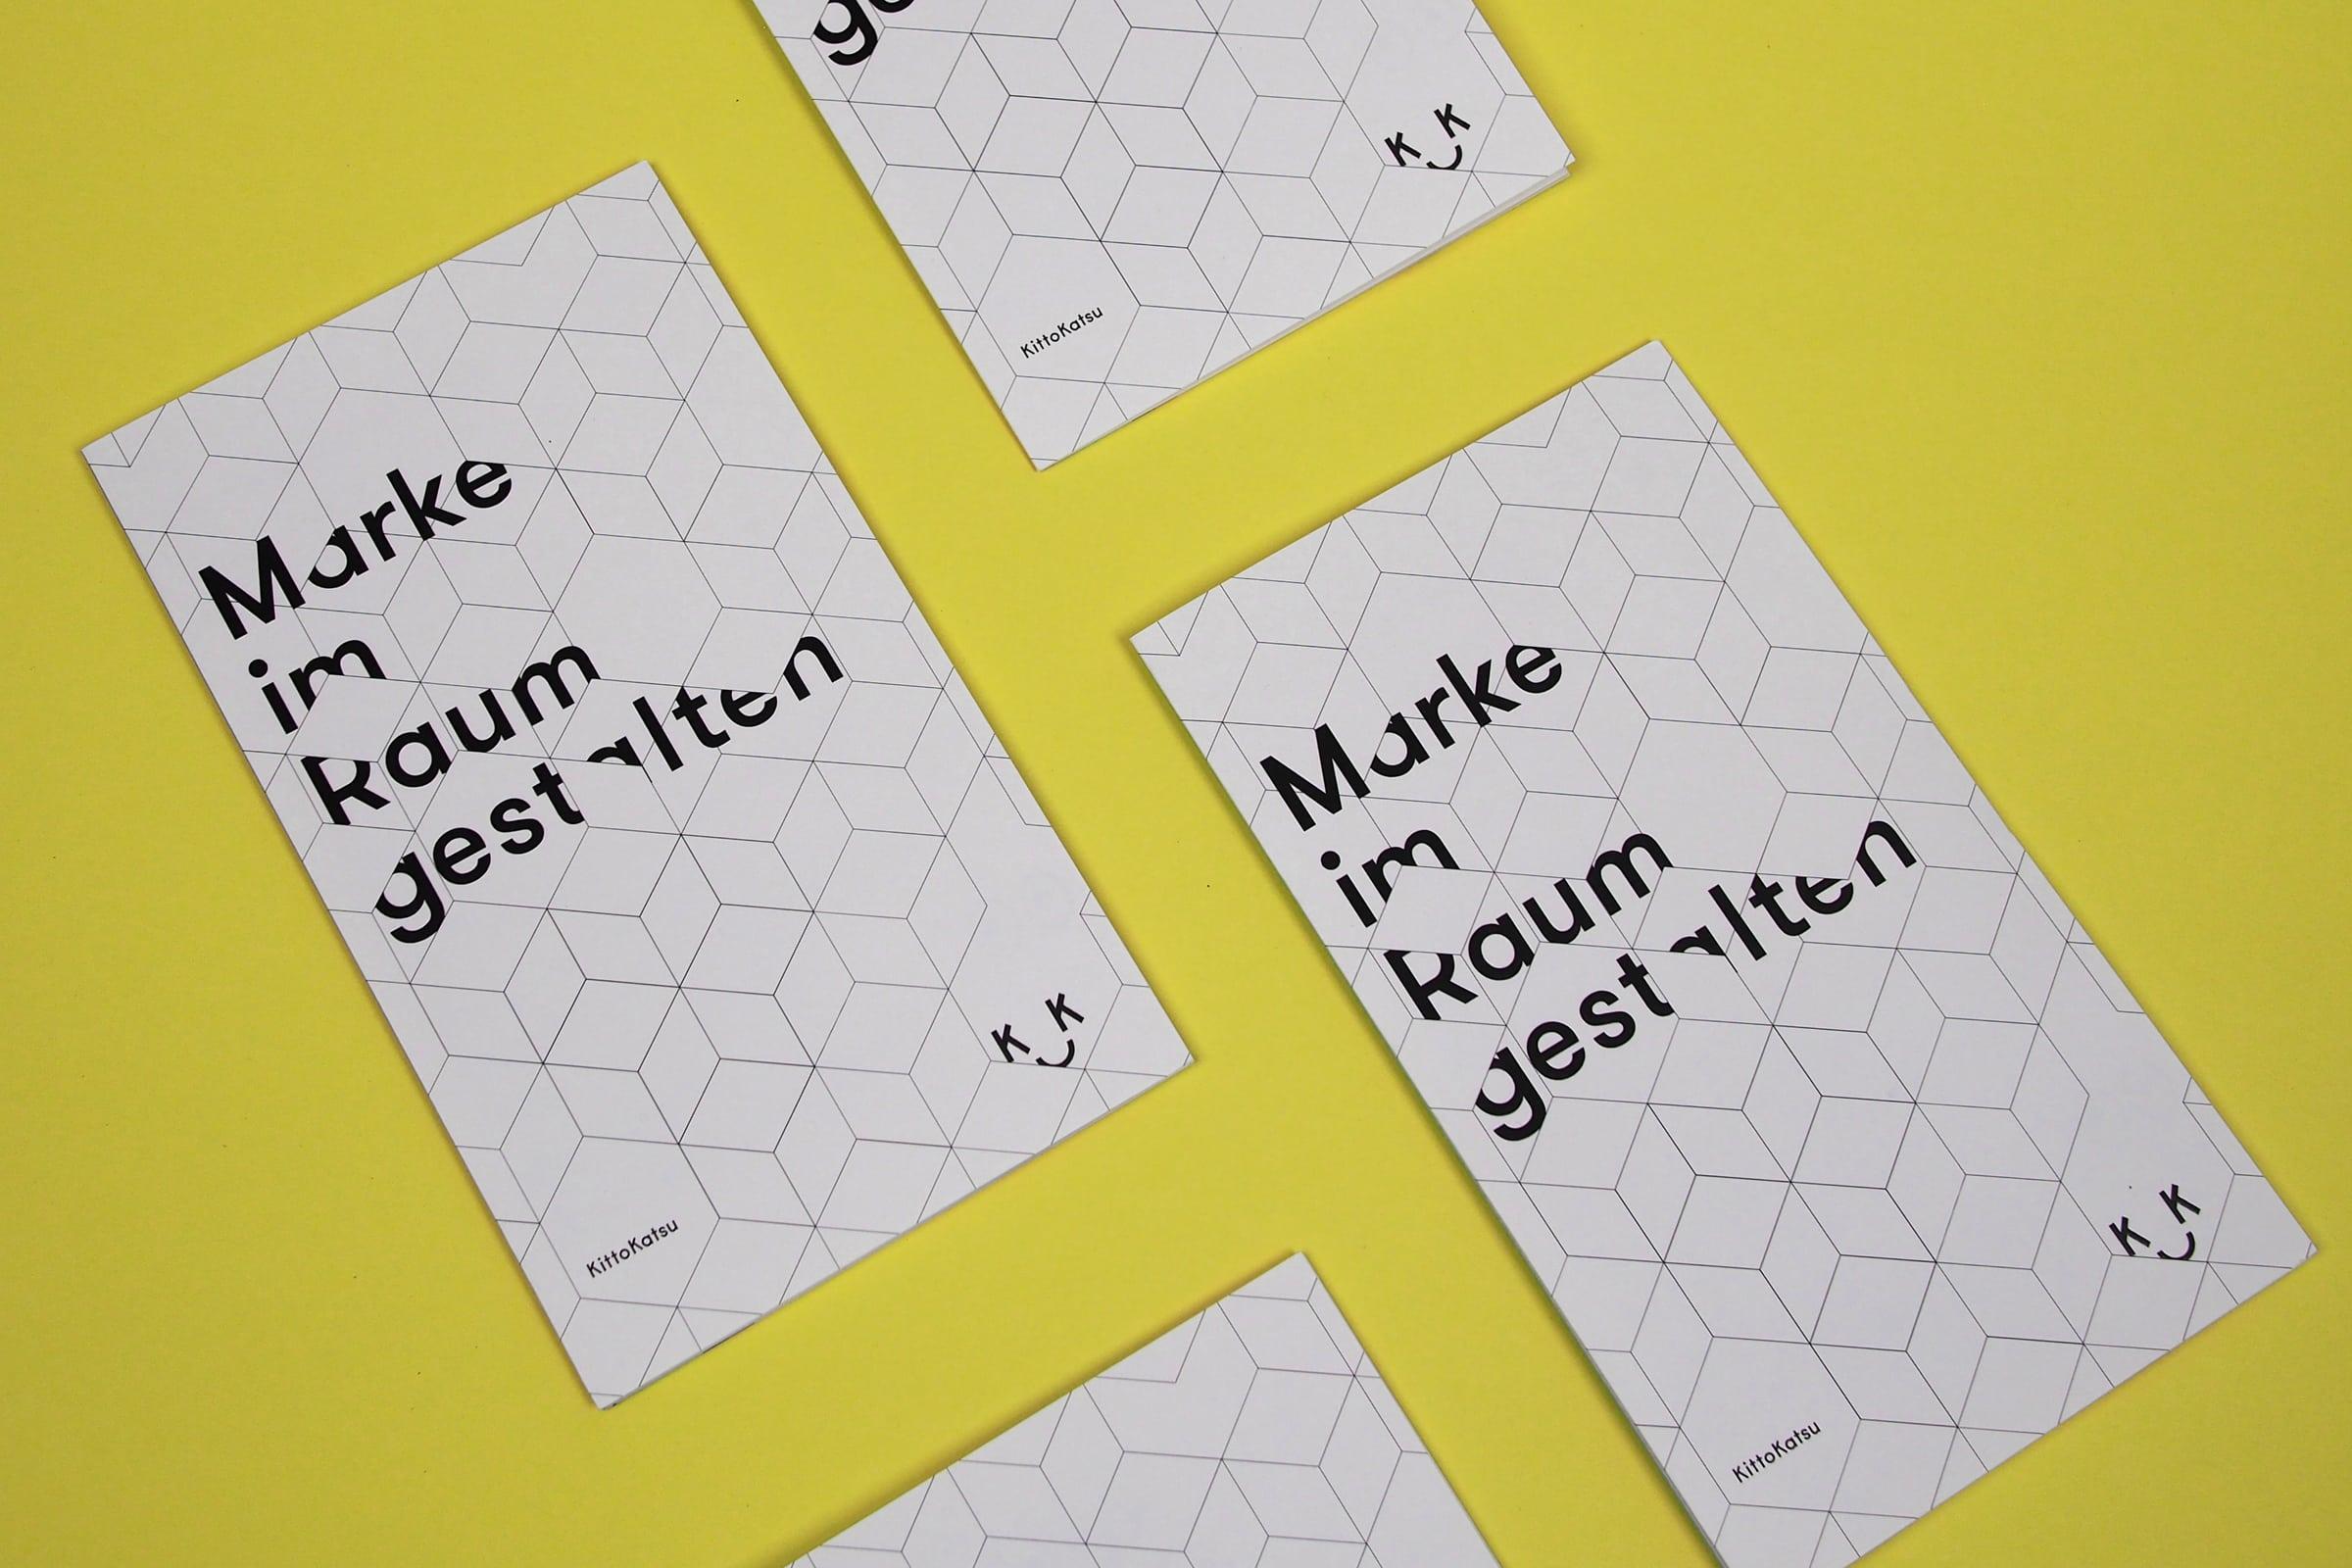 Kommunikation im Raum, Marke inszenieren, Editorial Design